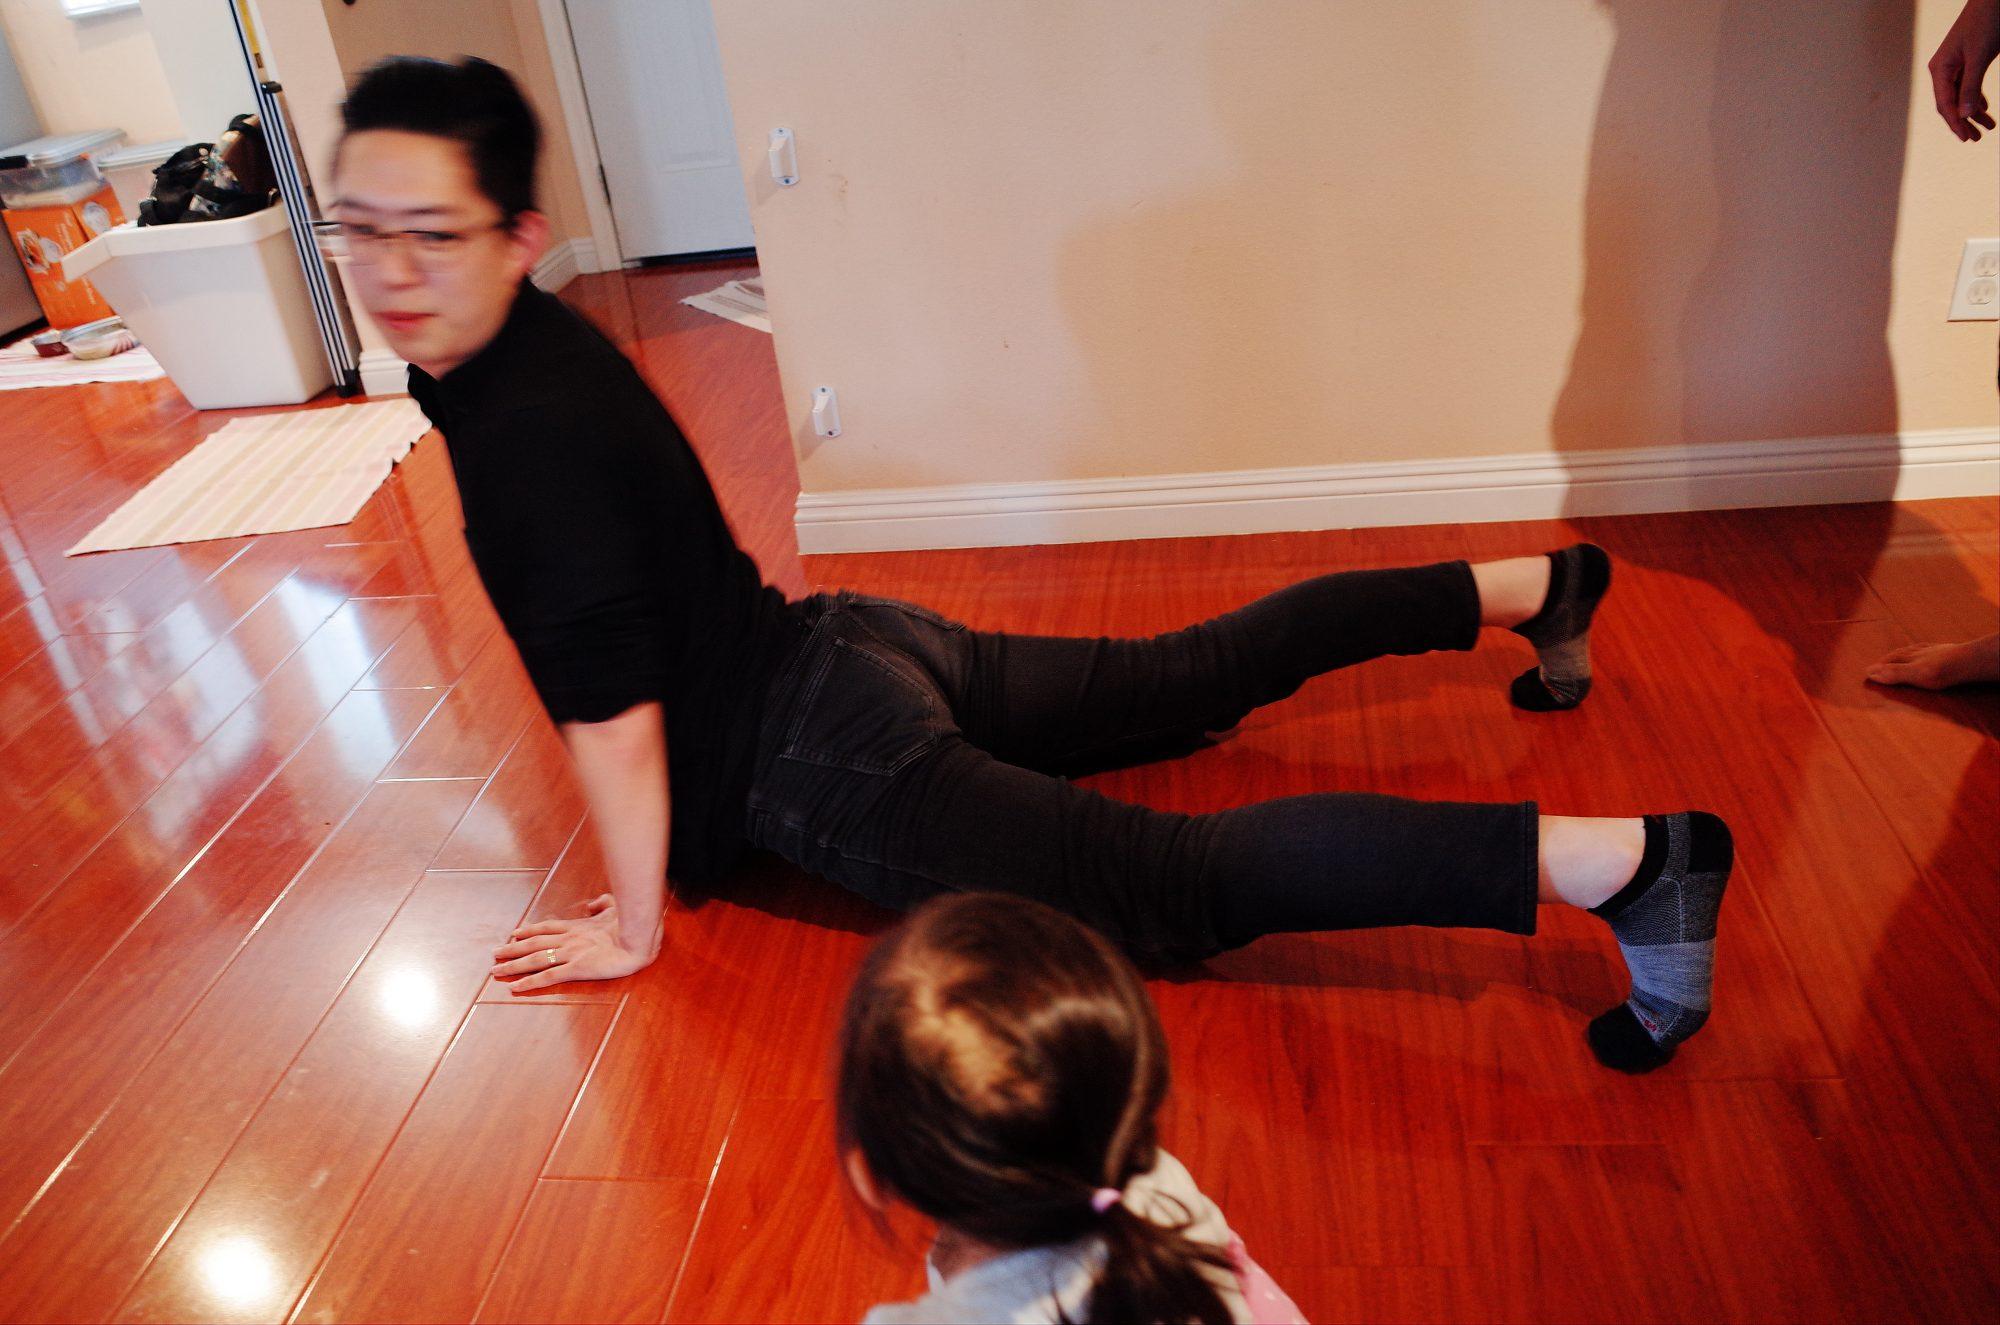 Doing yoga // Outlier Men's Merino Wool Shirt, Merino Wool Leggings